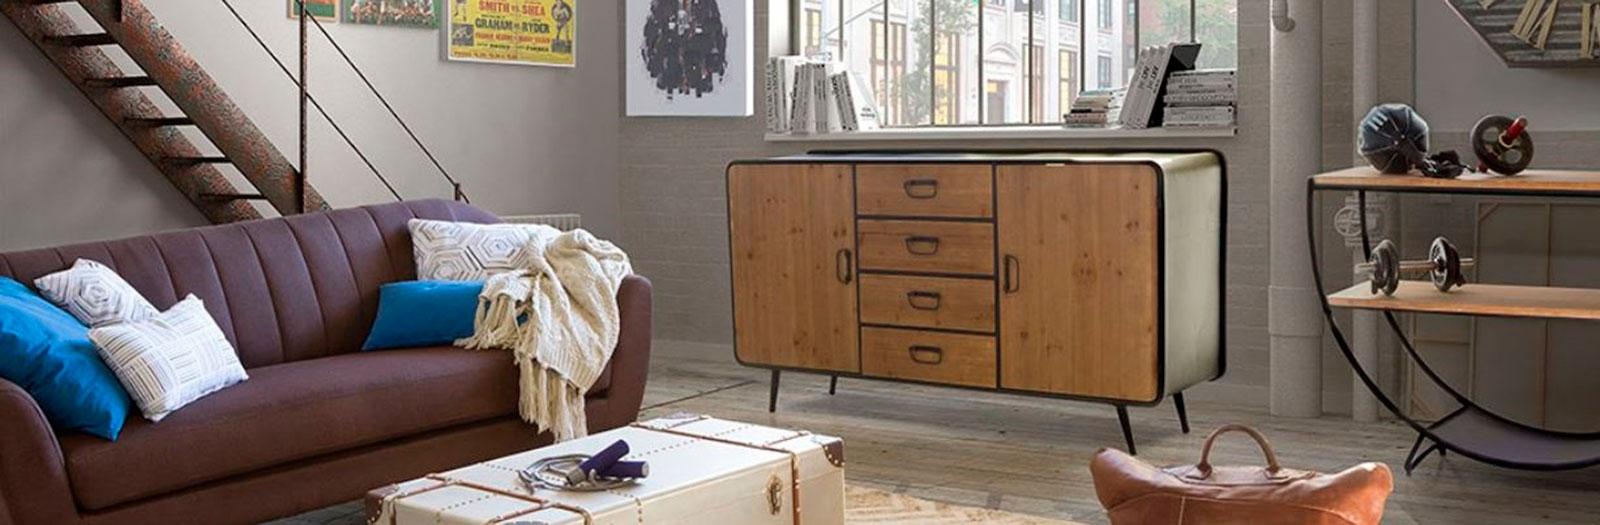 El estilo vintage en la decoraci n del hogar - Decoracion hogar vintage ...